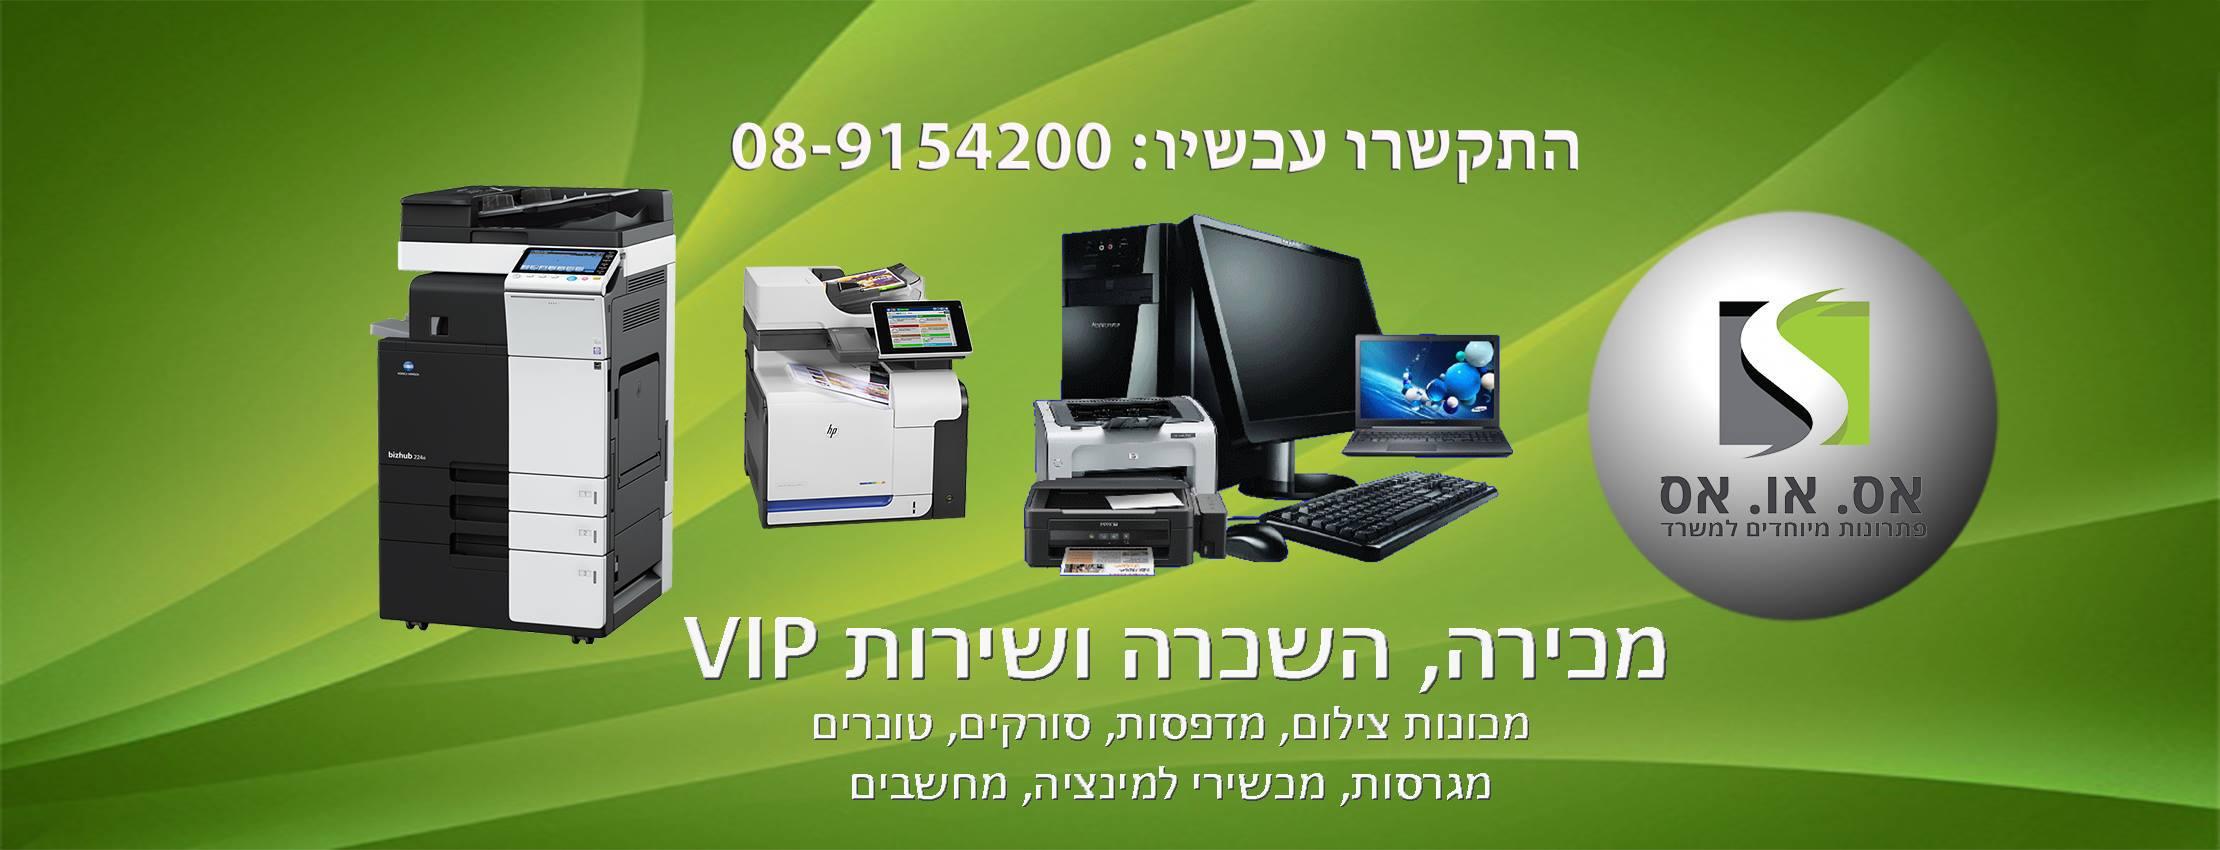 מדפסות לייזר משולבות, השכרת מדפסות לייזר משולבות, קניית מדפסות לייזר משולבות, שירות למדפסות לייזר משולבות